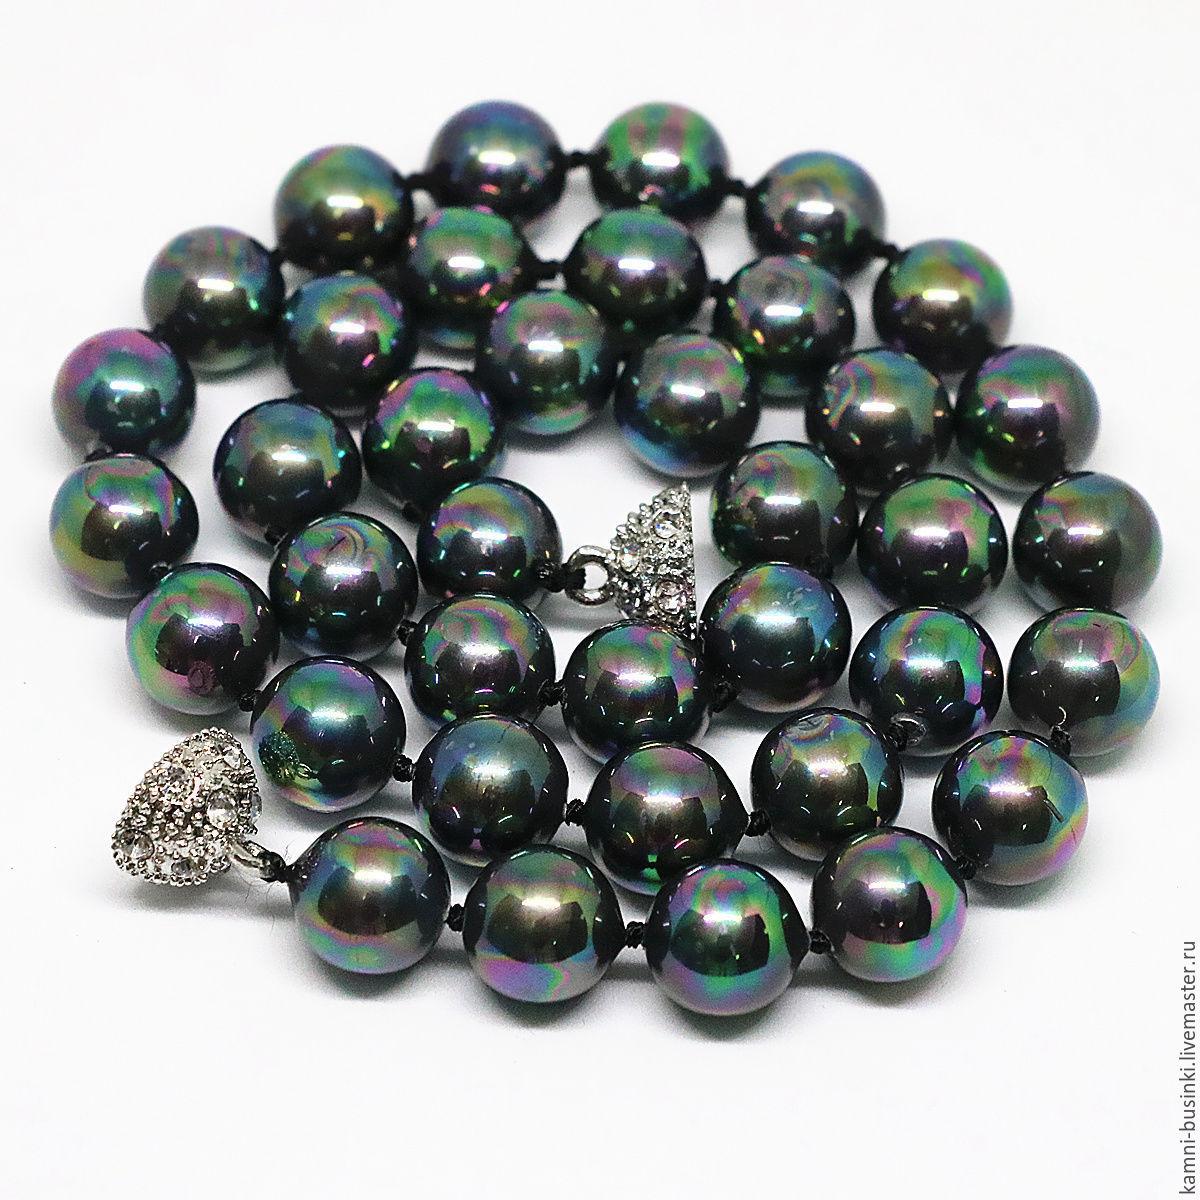 Жемчуг черный павлин Shell Pearl бусина шар. Жемчужные бусины для колье, бусины из жемчуга фриформ для браслетов, бусина из жемчуга для серег.